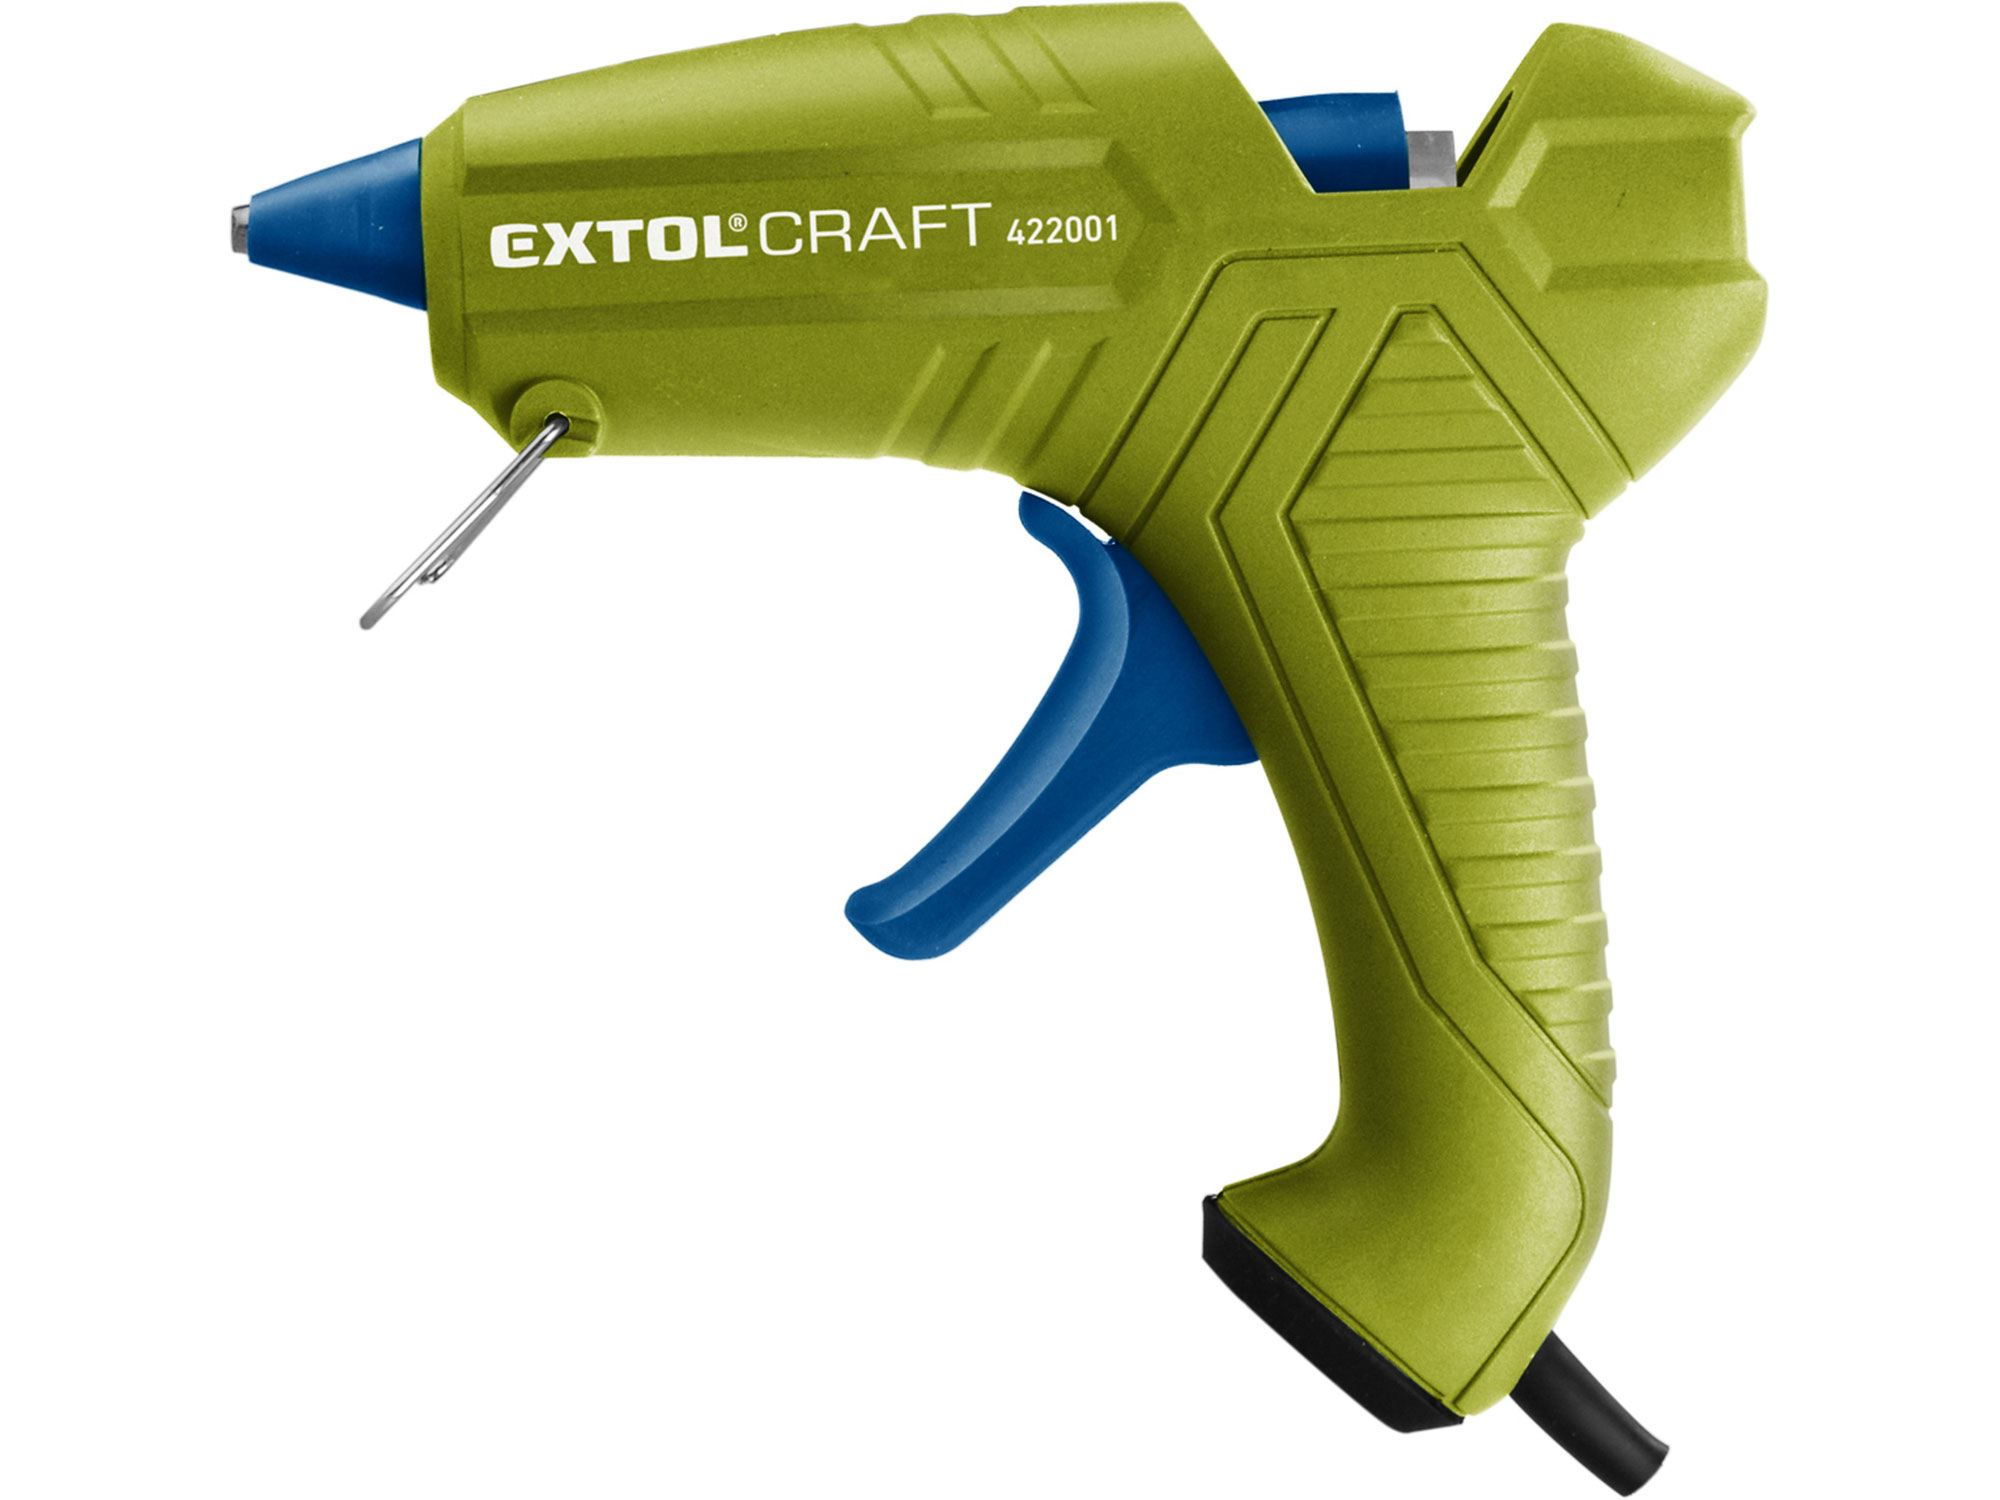 Pistole tavná lepící, Ř11mm, 40W EXTOL CRAFT 422001